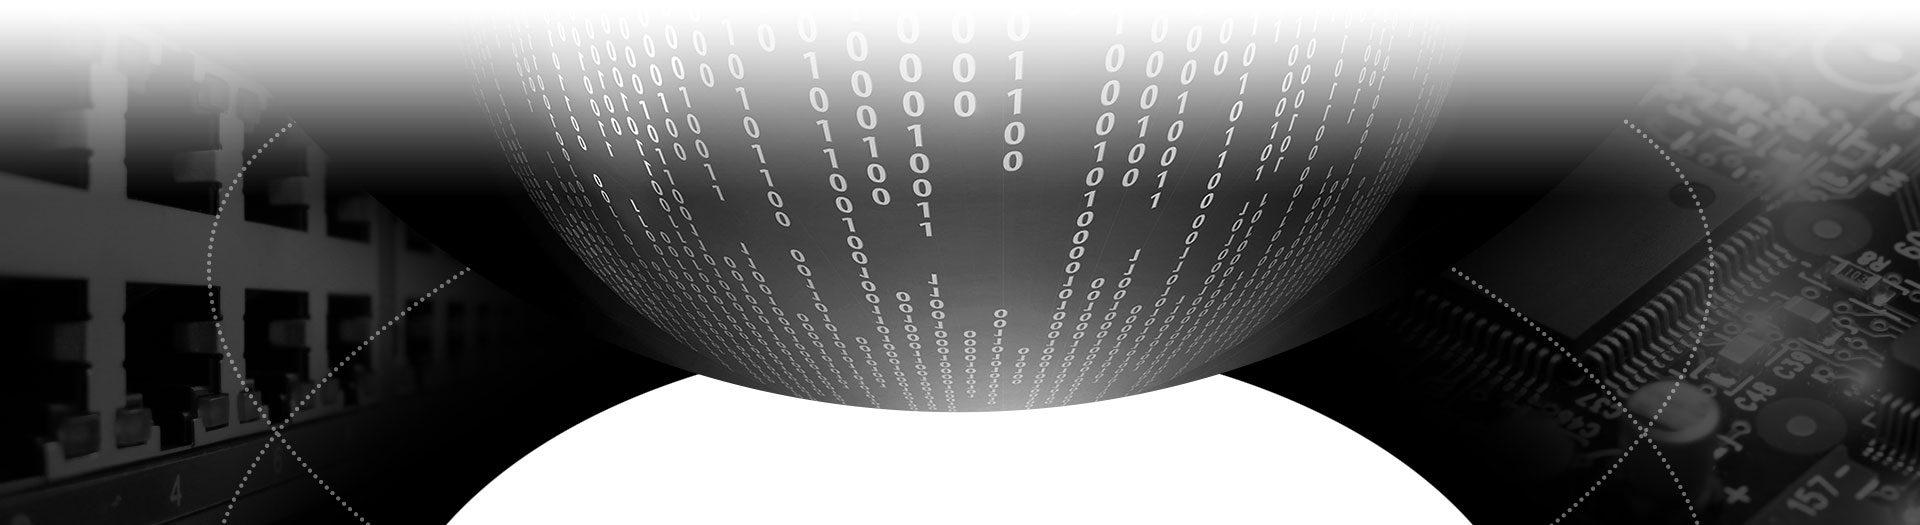 Consultoría Informática Saycotec 360xperience